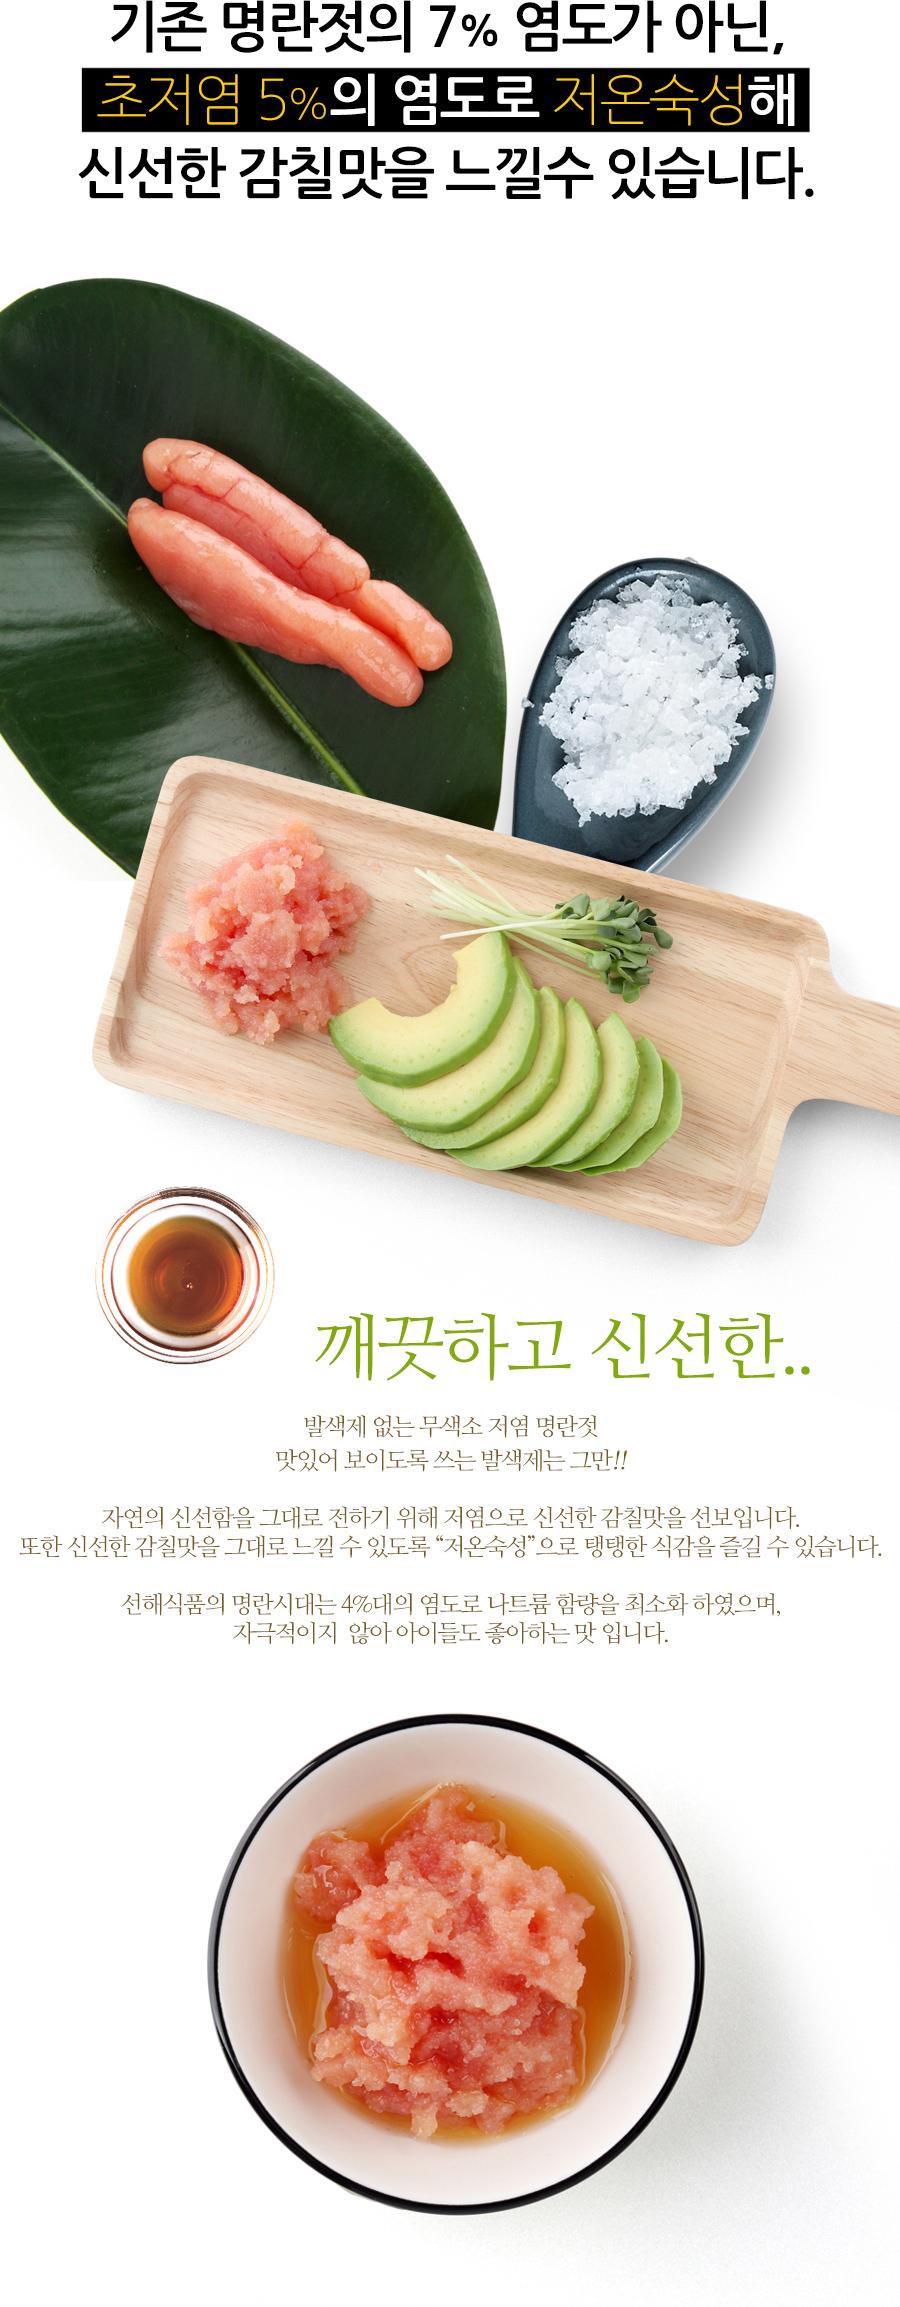 0106_명란시대_상세이미지_04.jpg